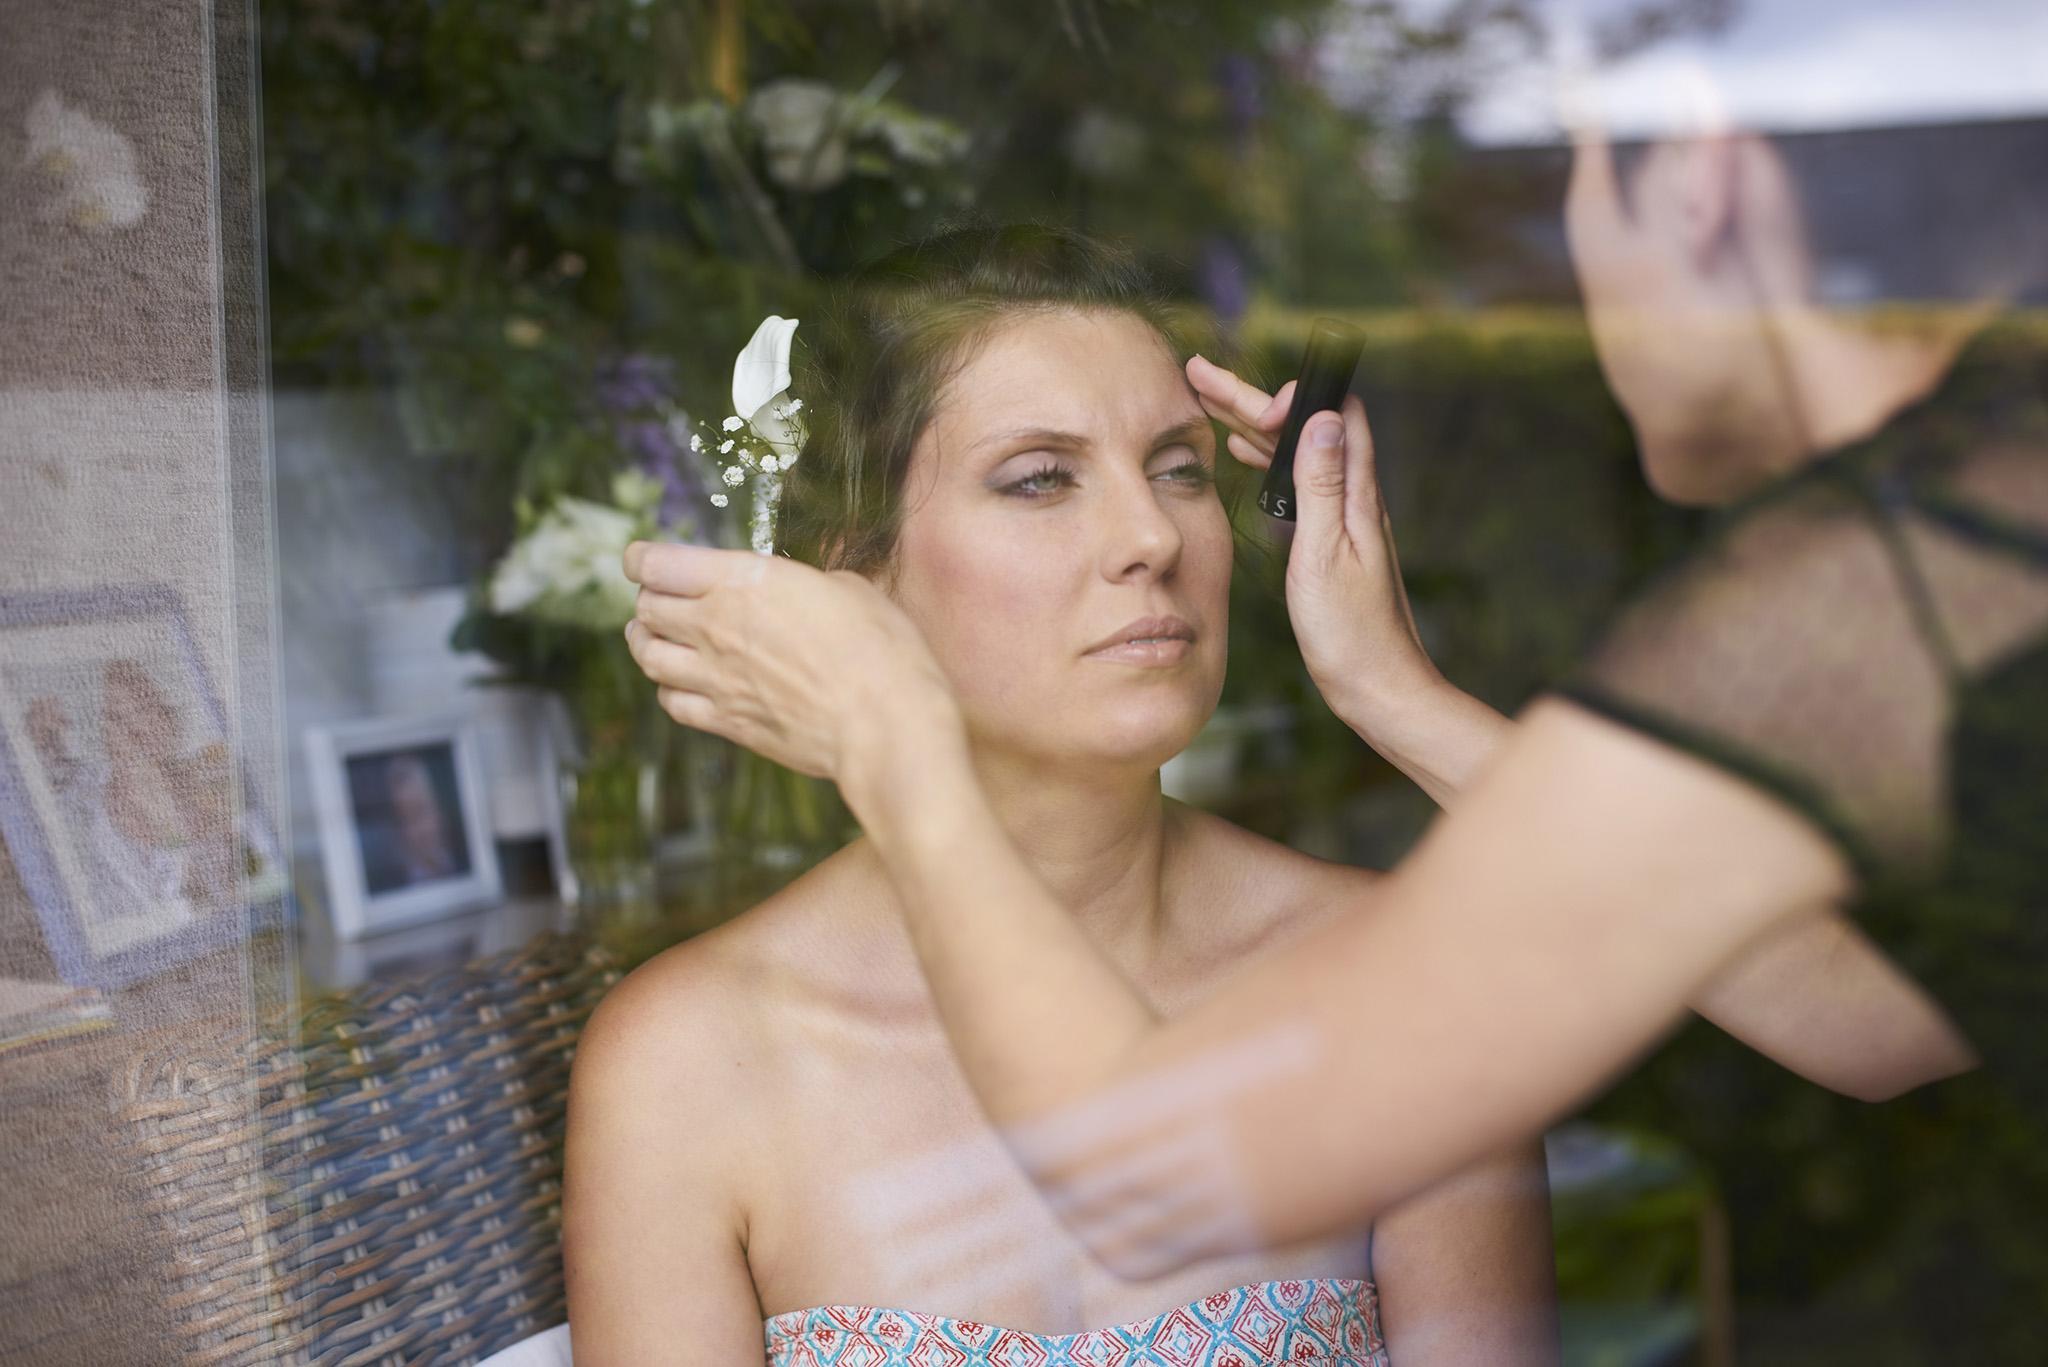 photographie de mariage preparatifs nantes rennes vannes angers - rudy burbant